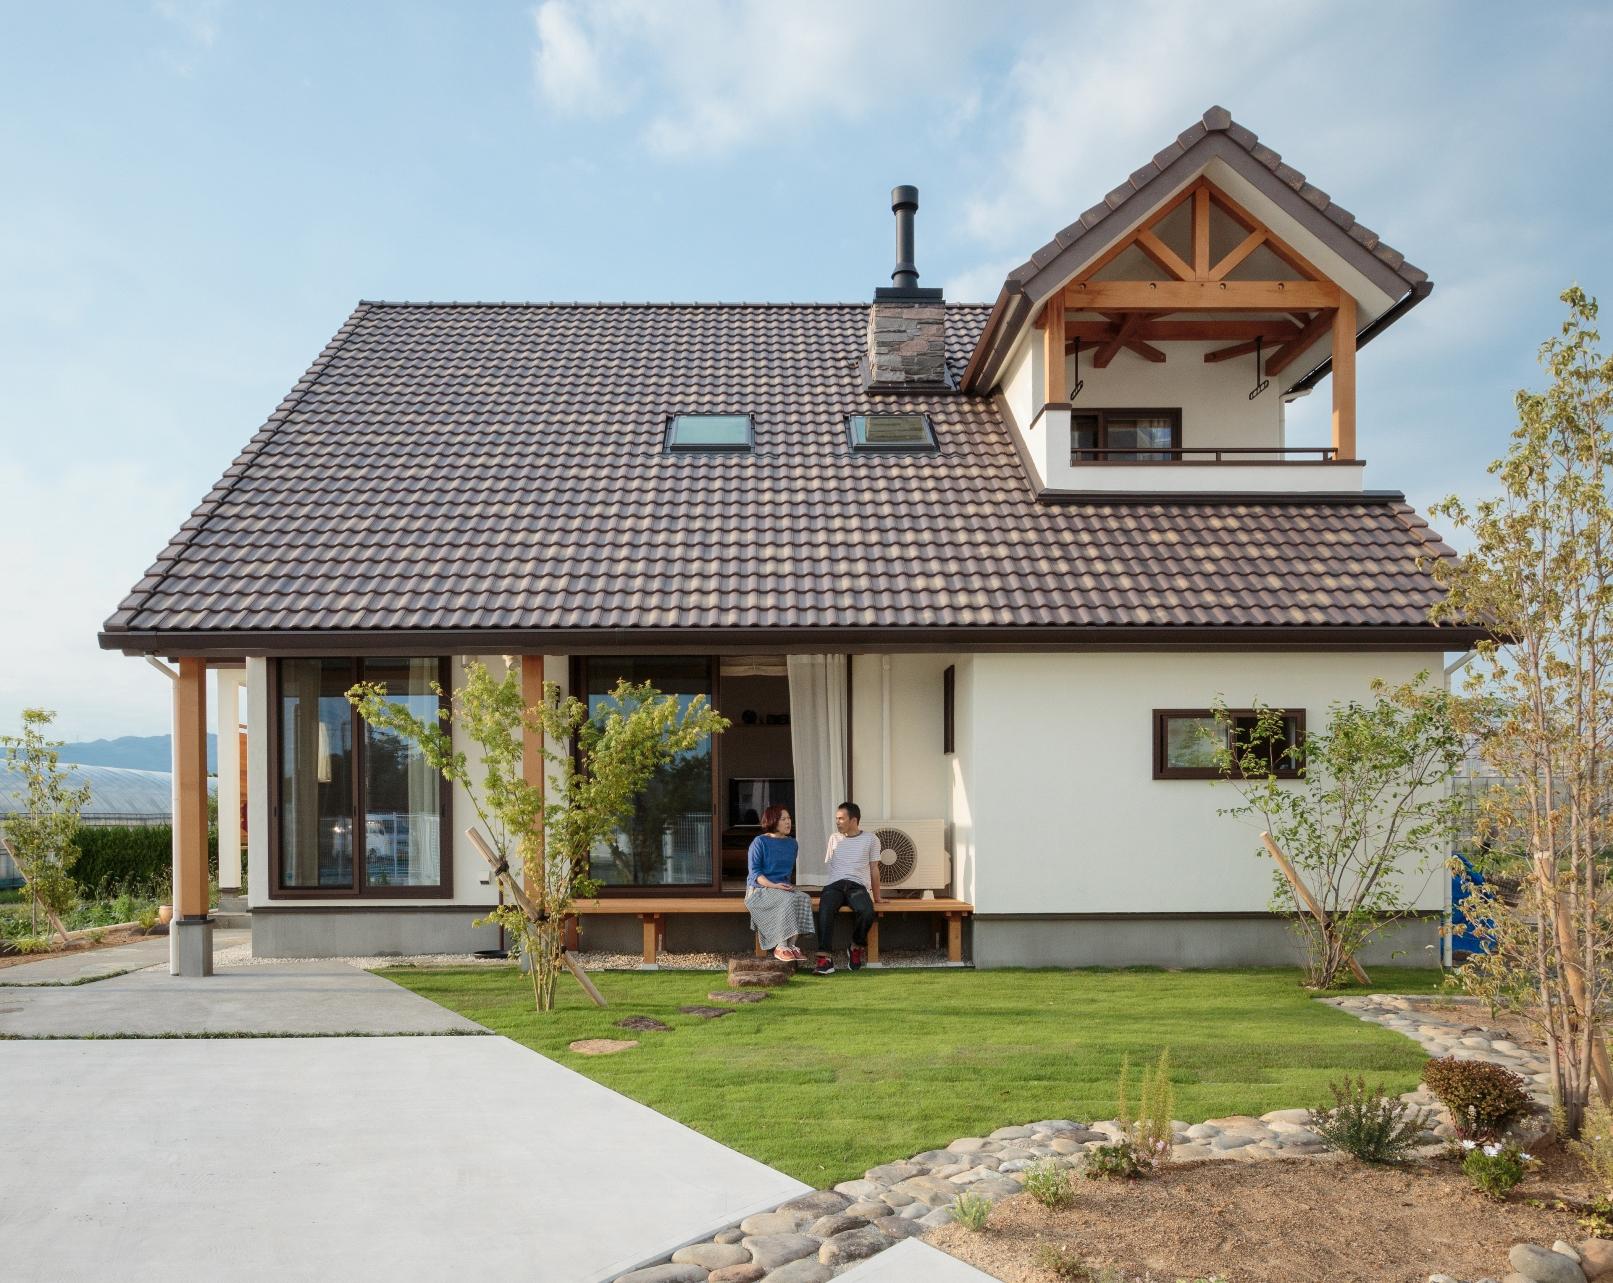 薪ストーブのある山小屋風住居で名峰・本宮山を望む